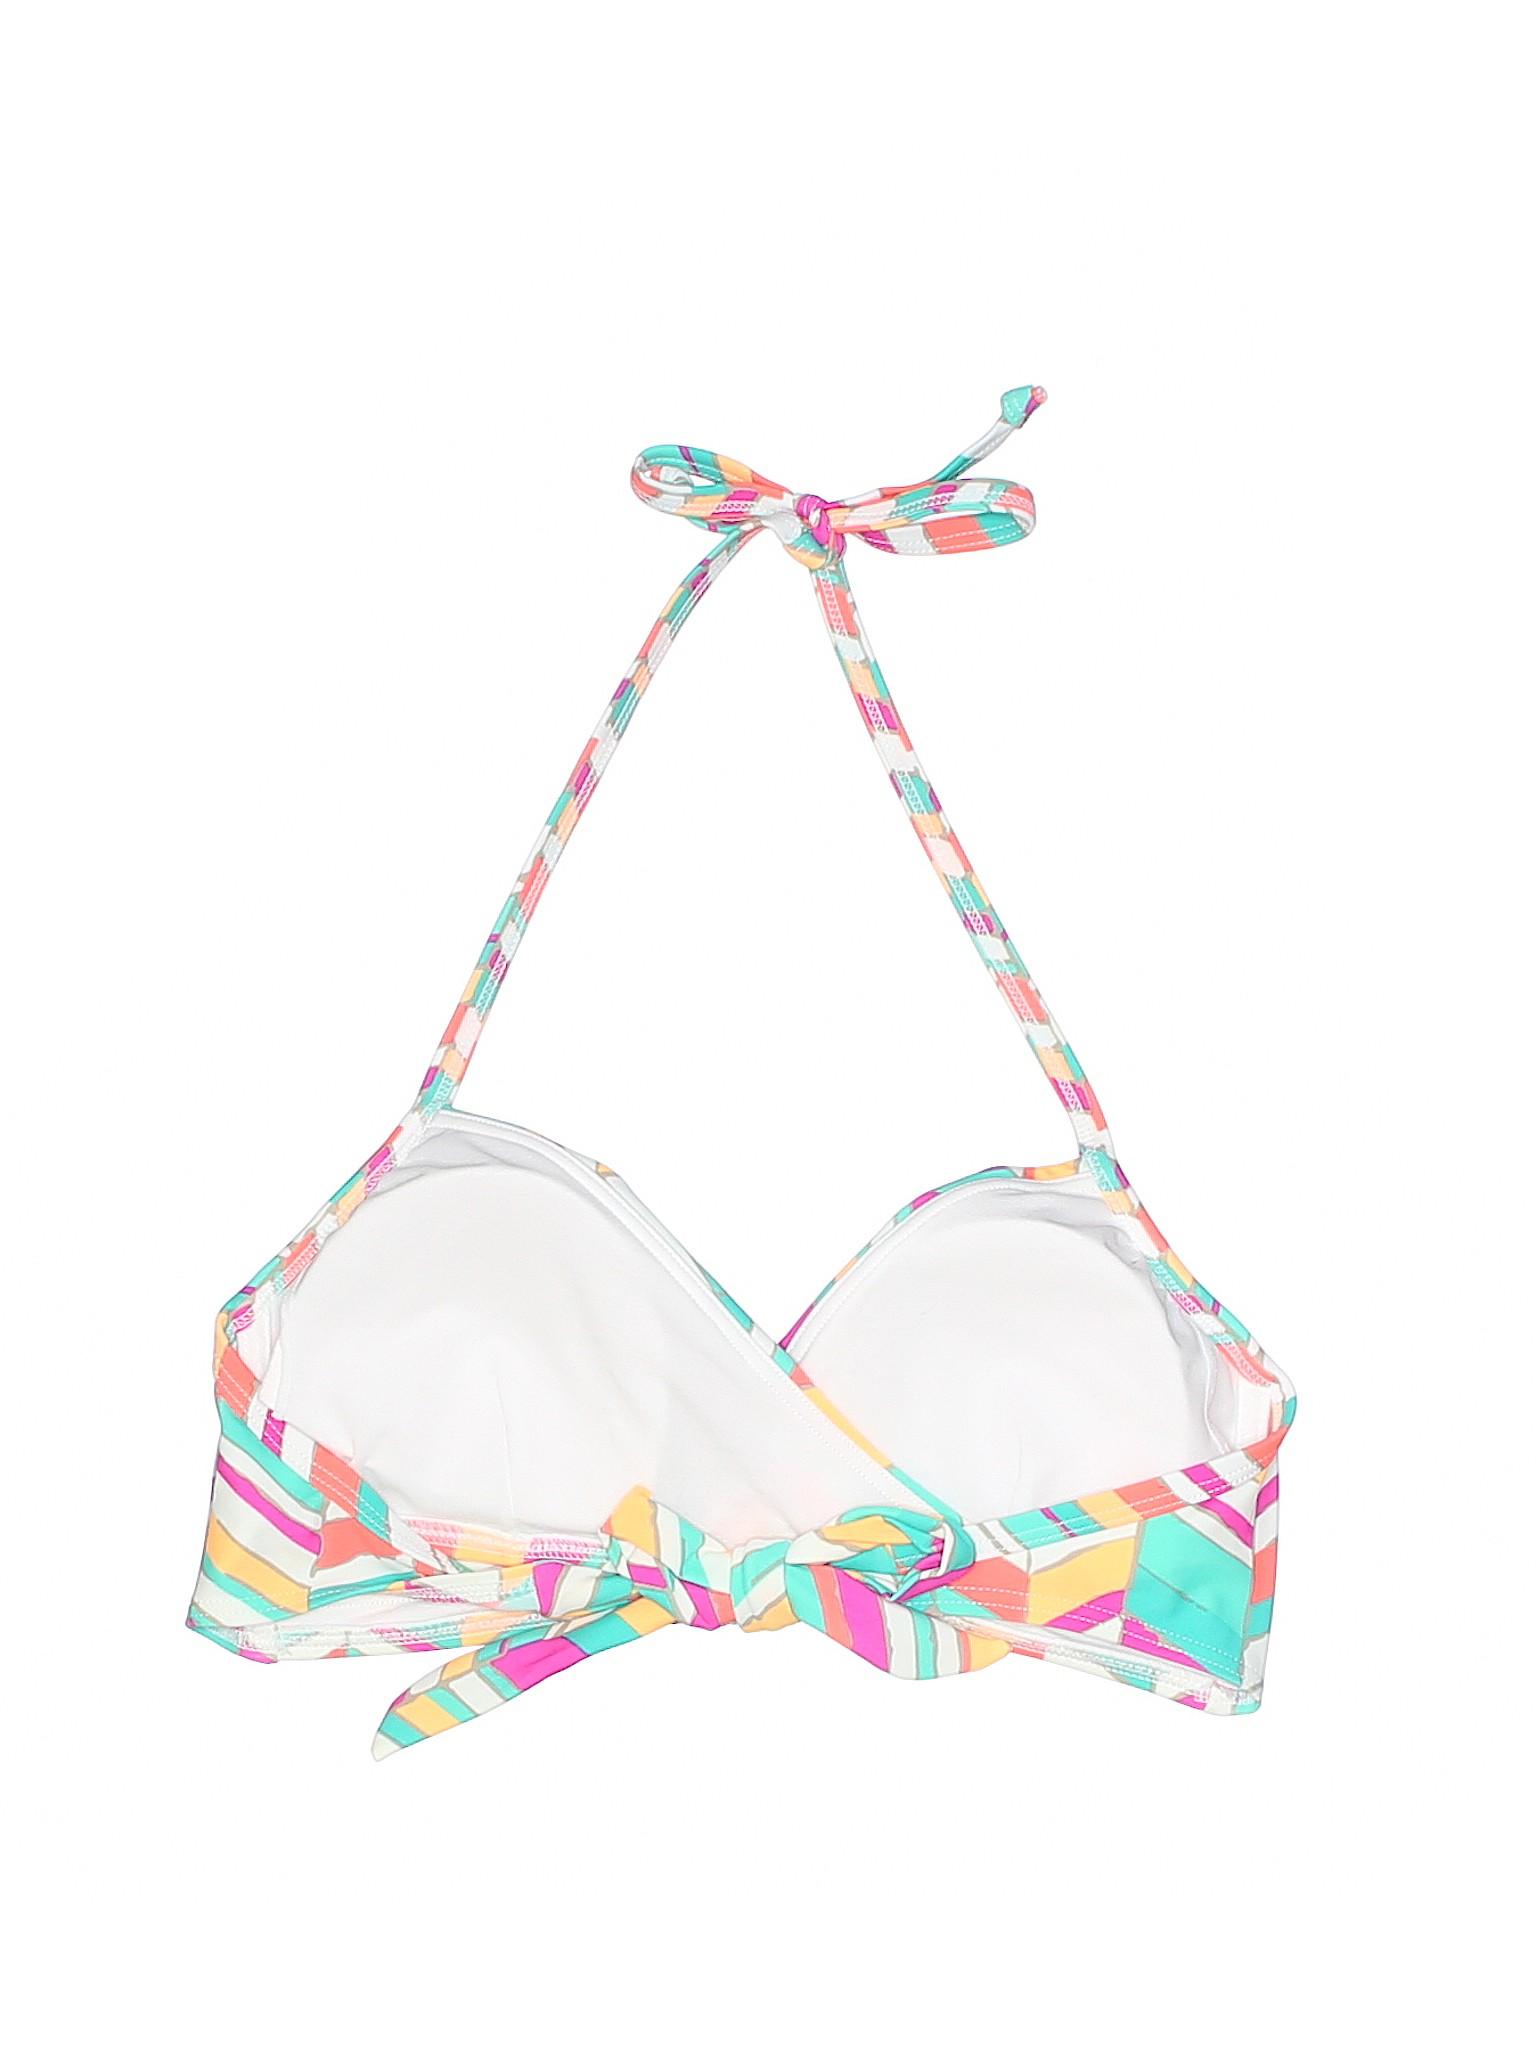 Boutique Boutique Swimsuit Boutique Top Lascana Lascana Top Swimsuit Top Top Lascana Lascana Swimsuit Swimsuit Lascana Boutique Boutique Swimsuit wwqaPC5